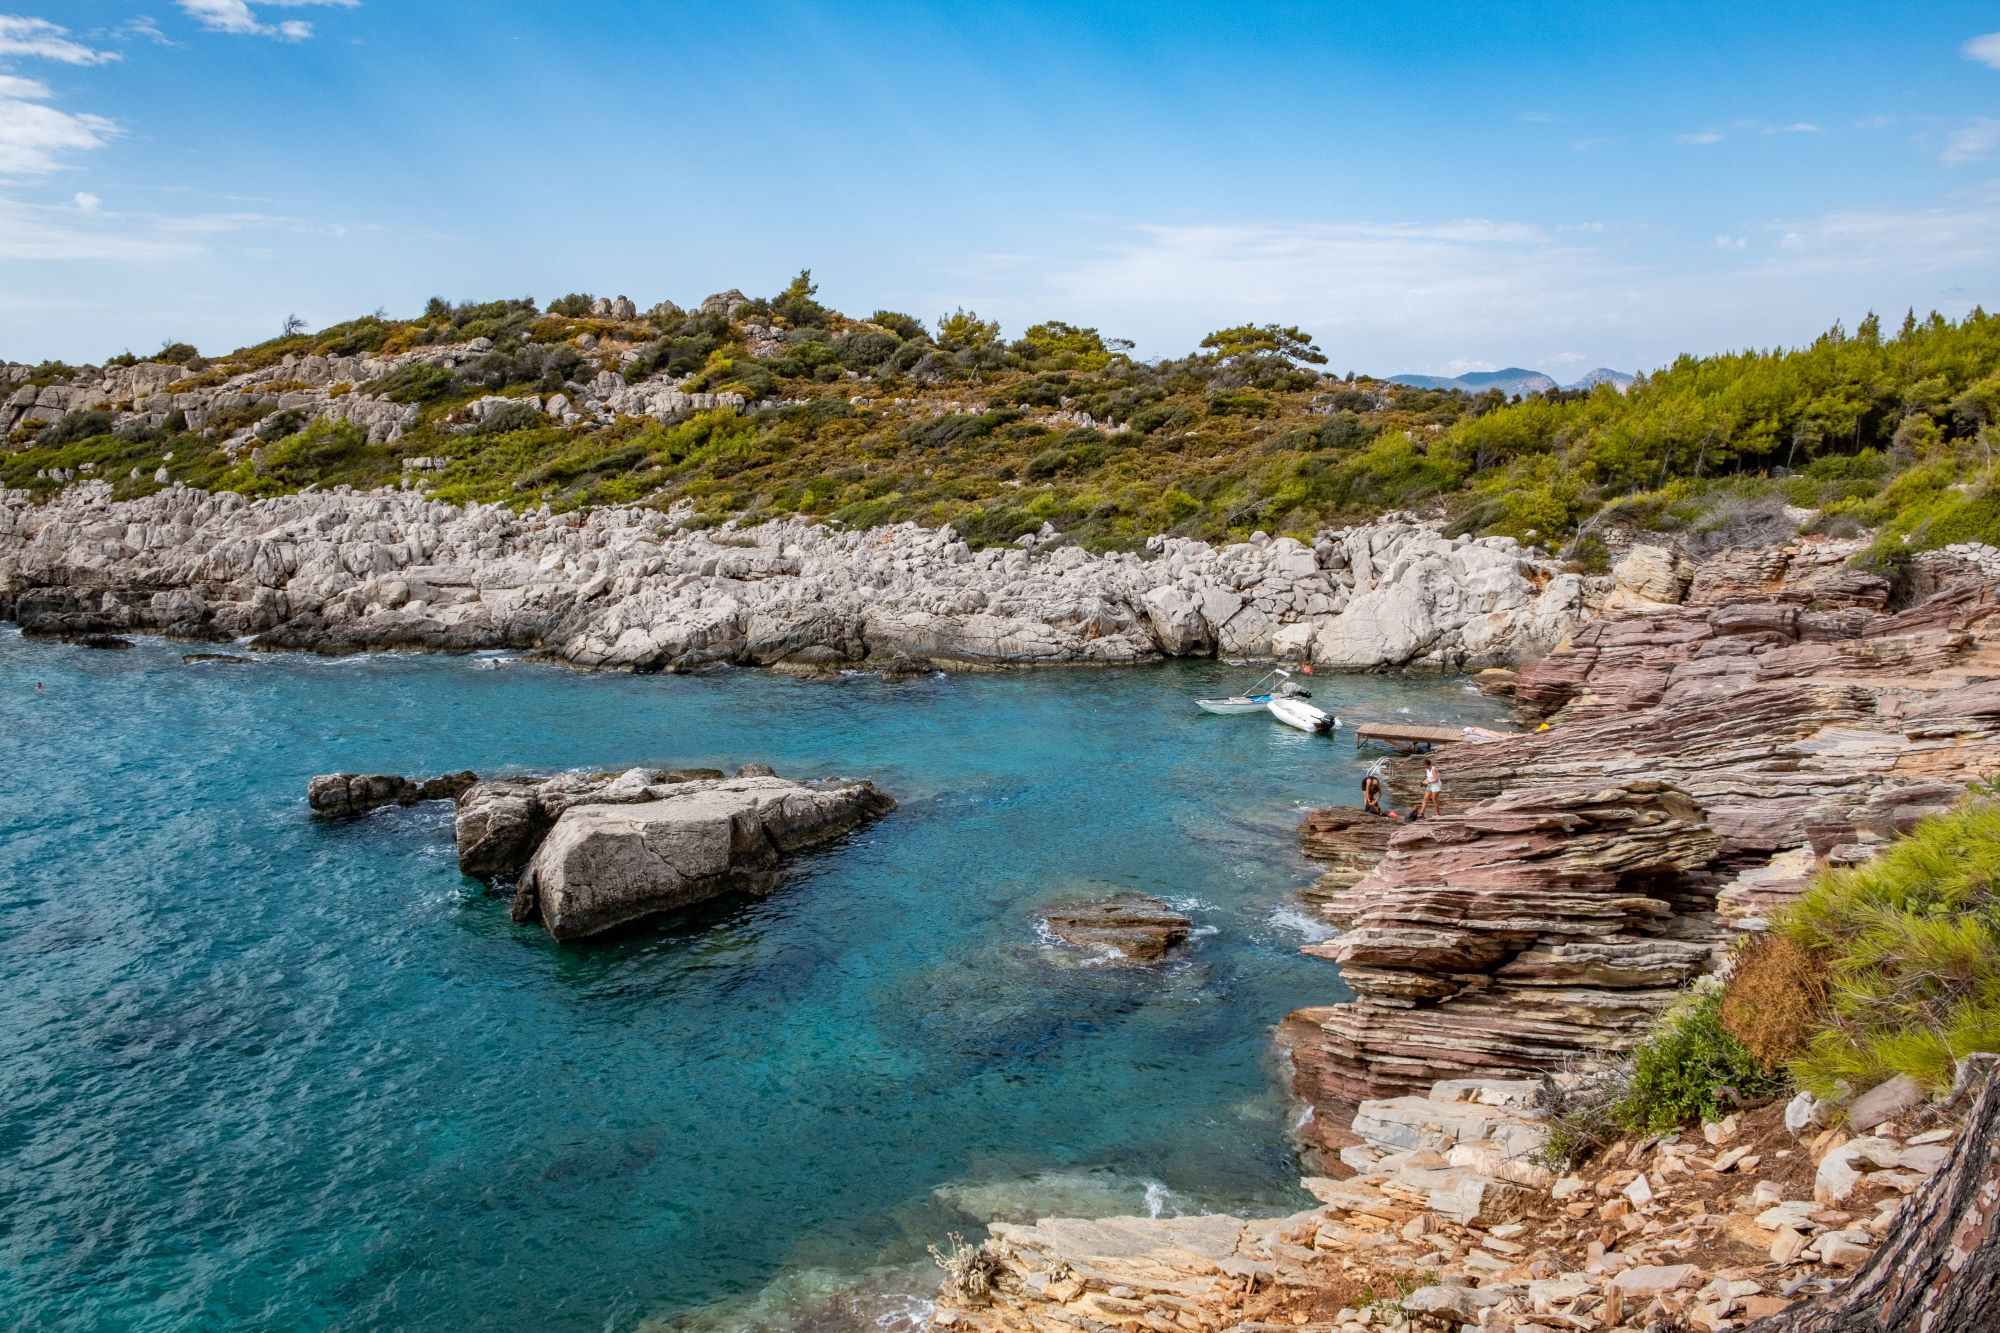 Ликийская тропа в одиночку – cоло трекинг по горам и побережью Турции